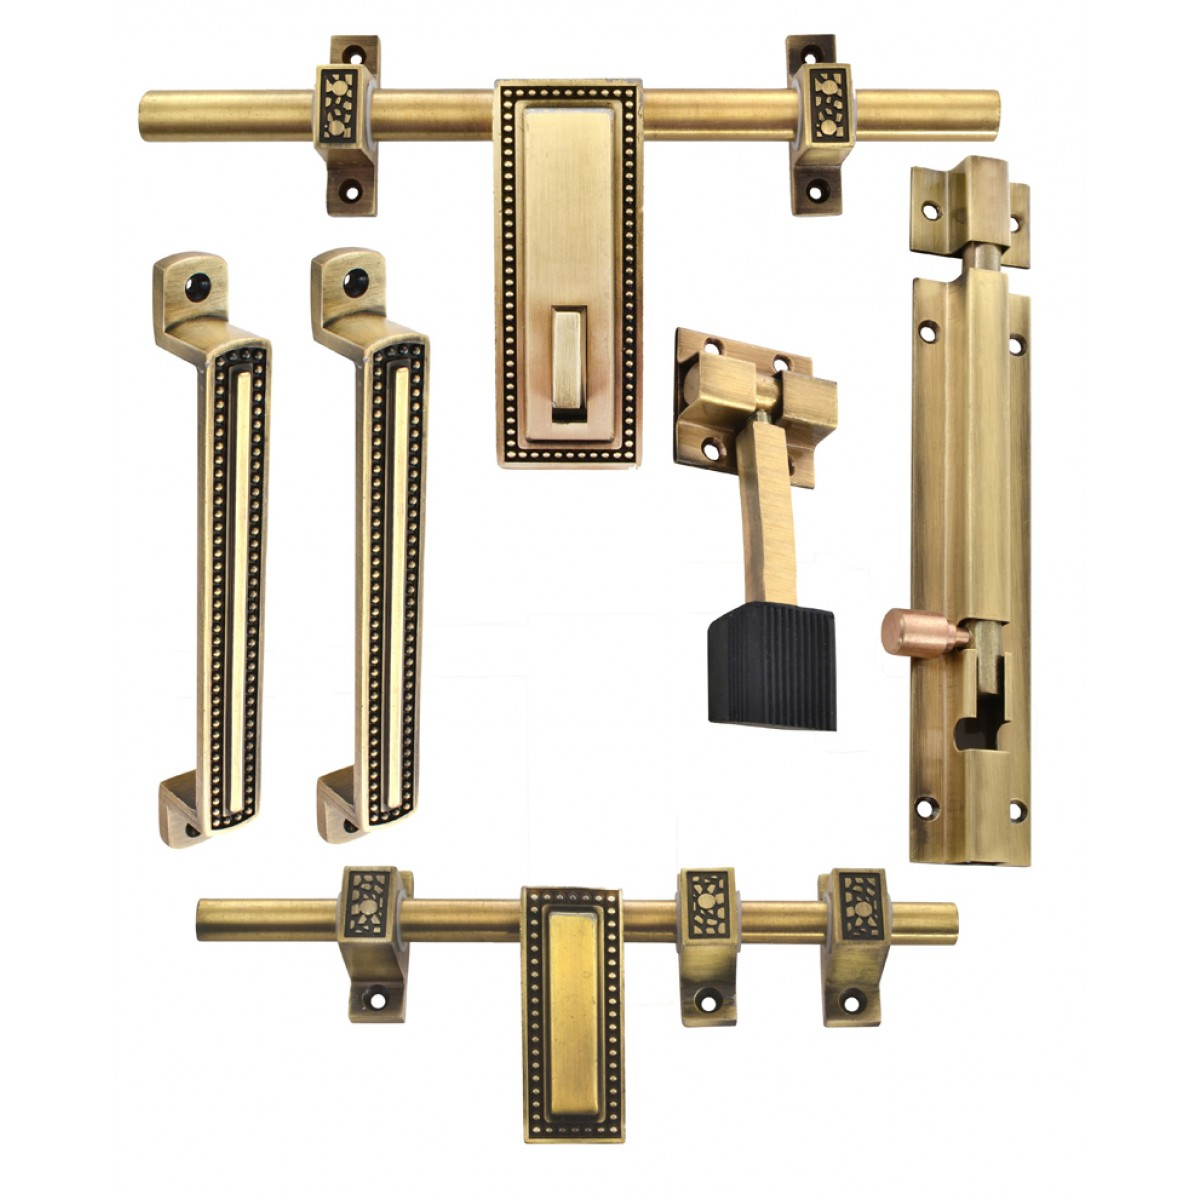 Klaxon Glorious 1 Brass Door Accessories Kit (Antique Finish 6-Pieces)  sc 1 st  Klaxon & Klaxon Glorious 1 Brass Door Accessories Kit (Antique Finish 6 ...